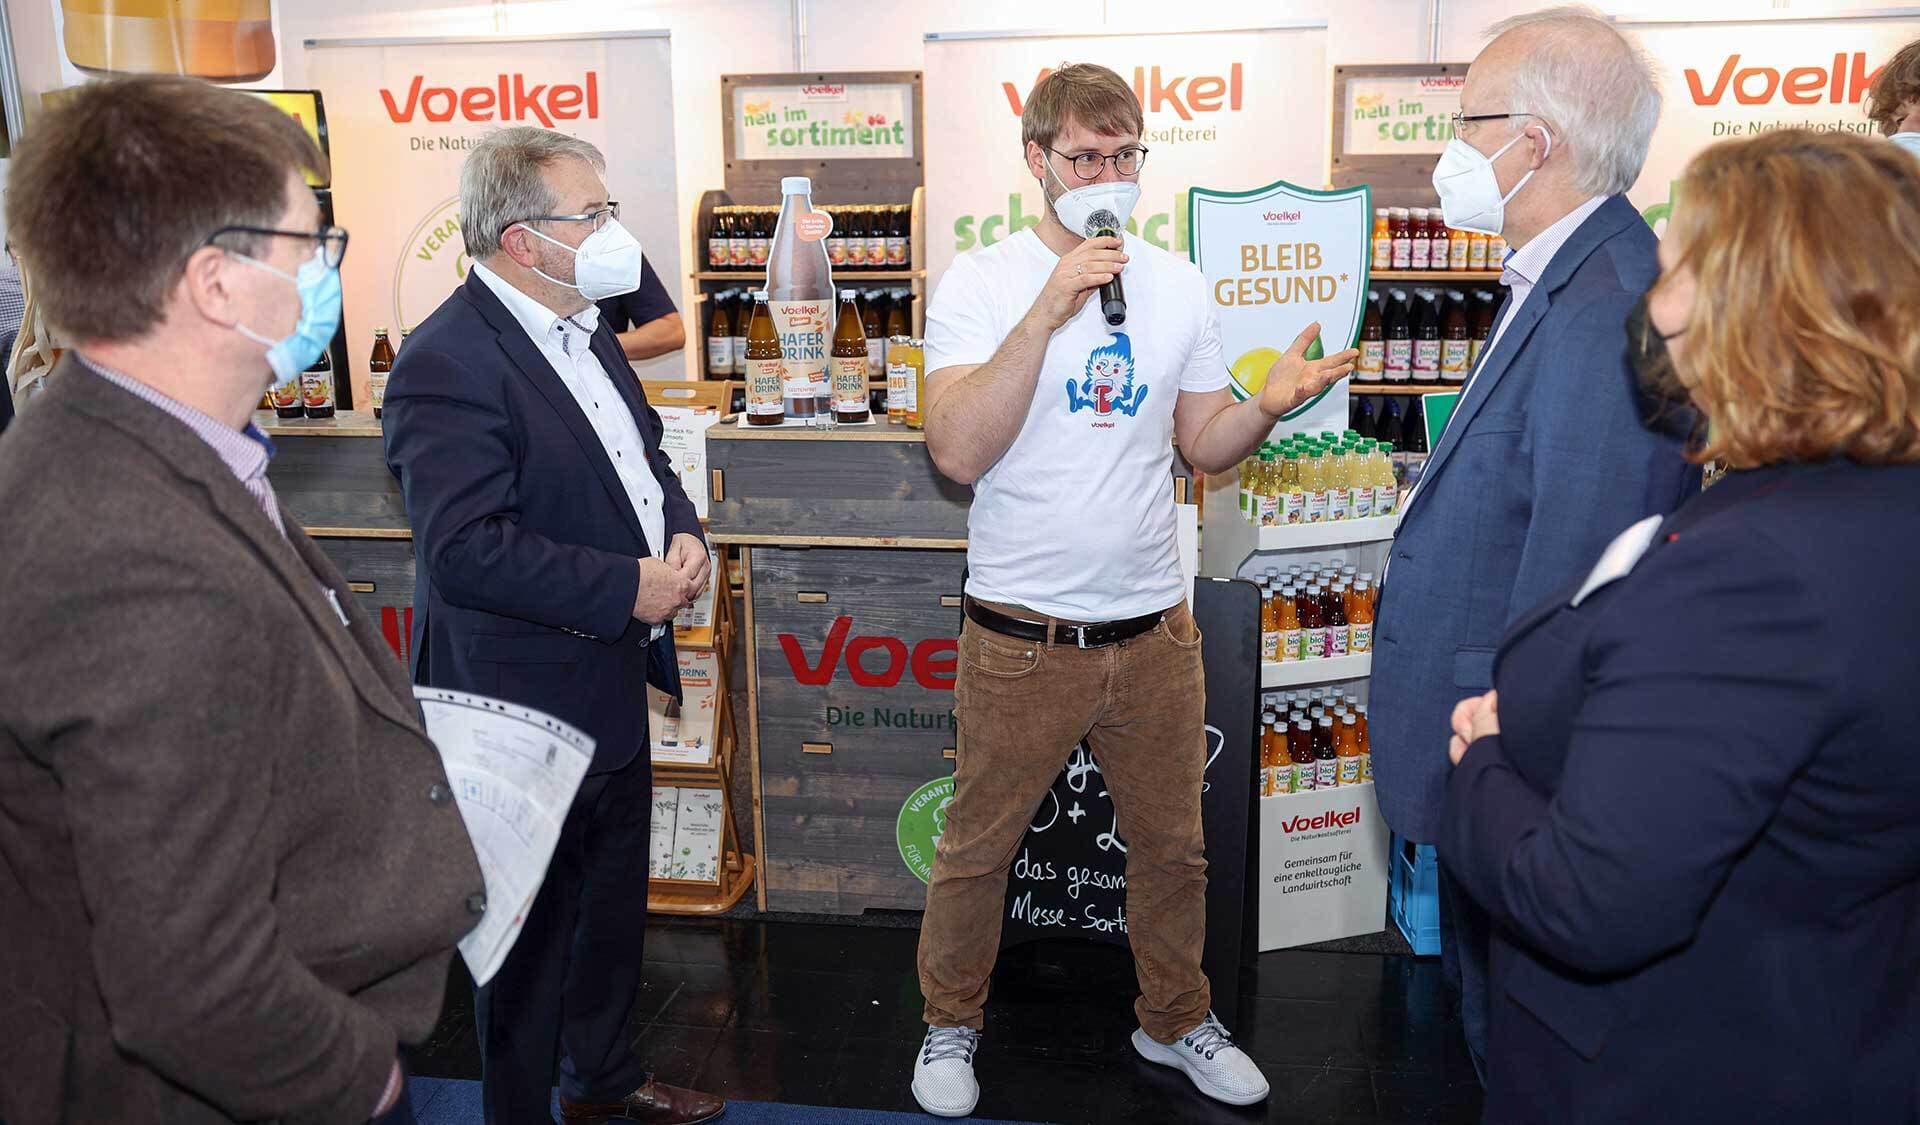 Ludwig Theuvsen, Staatssekretär im Niedersächsischen Ministerium für Ernährung, Landwirtschaft und Verbraucherschutz (hier rechts von Jurek Voelkel, der in der Mitte steht) und Thomas Hermann, Bürgermeister der Stadt Hannover (links), besuchten in Begleitung von Vertretern der Bio-Verbände niedersächsische Bio-Unternehmen auf der BioNord.